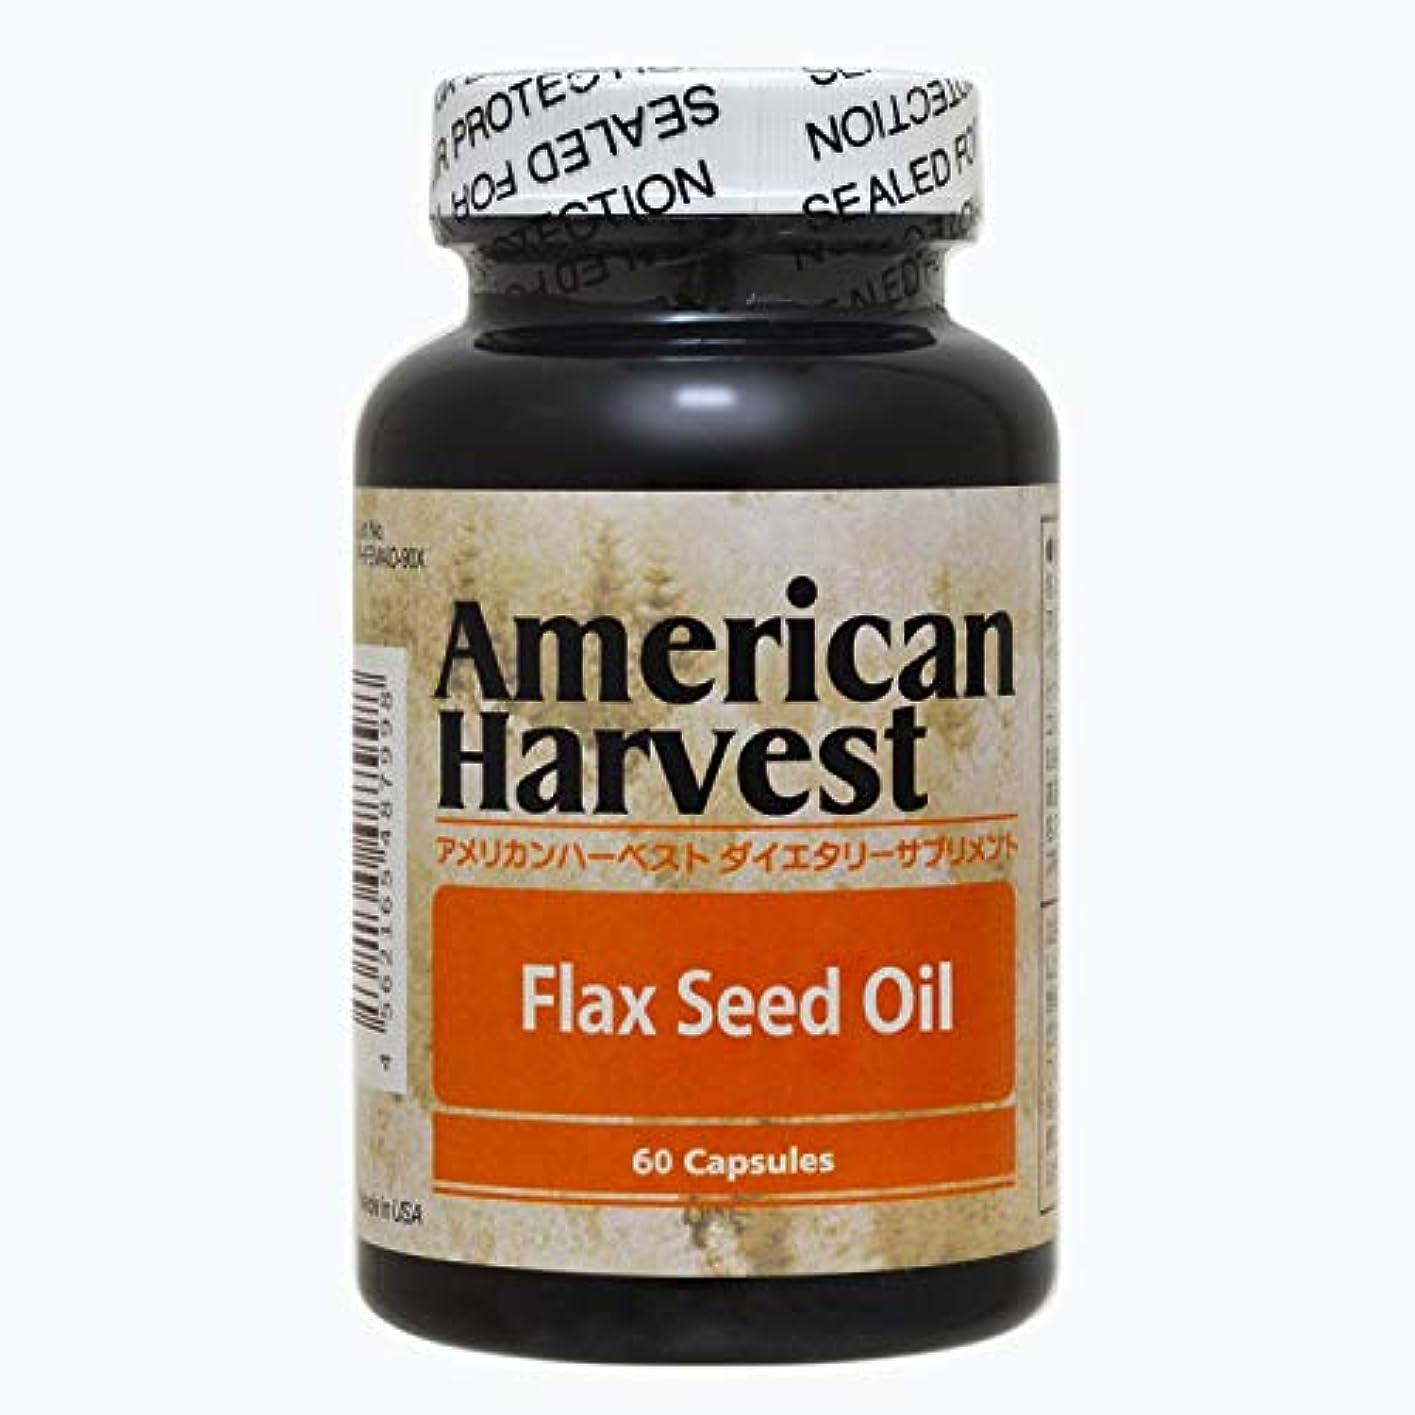 分解する砂利旅客アメリカンハーベスト フラックスシードオイル(亜麻仁油) 60粒/約60日分